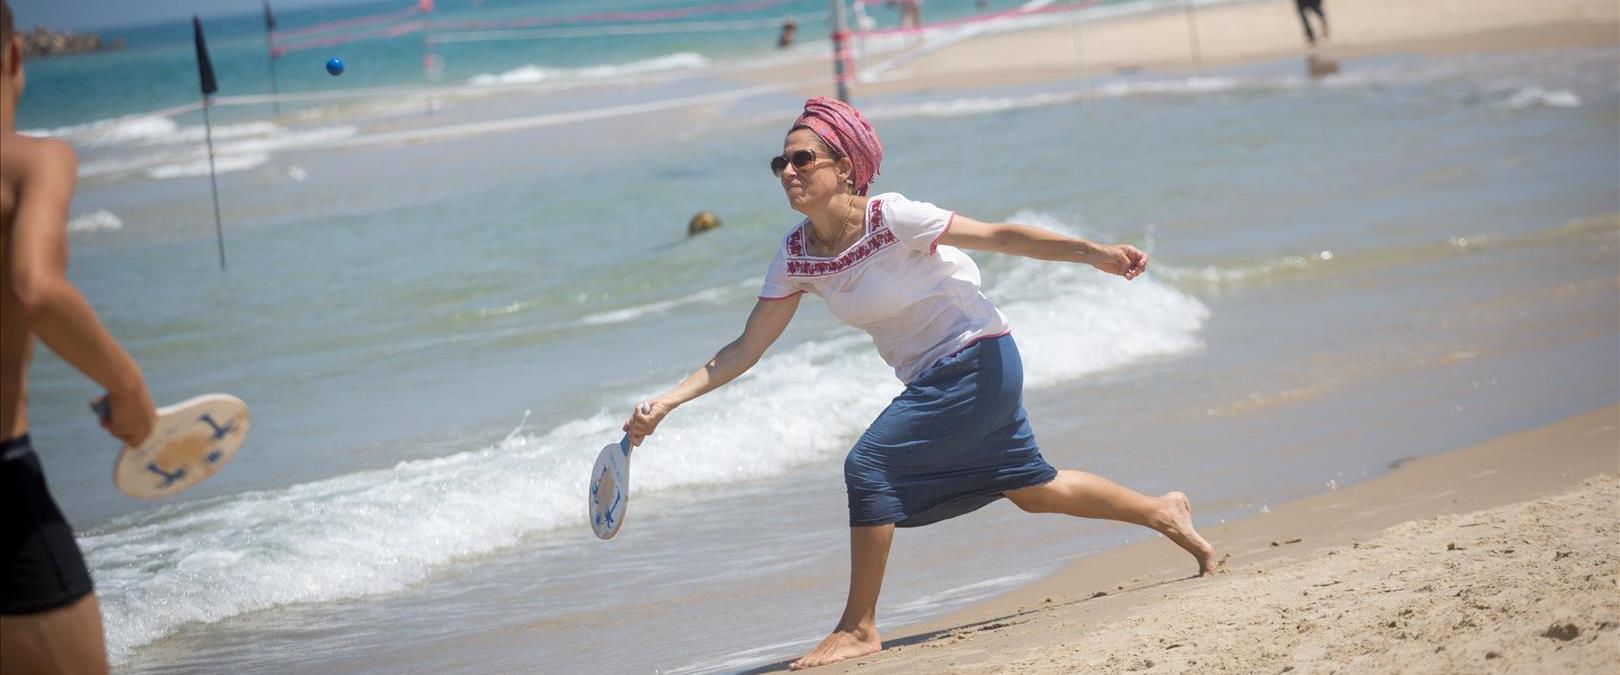 הקלה בחום בחוף הים